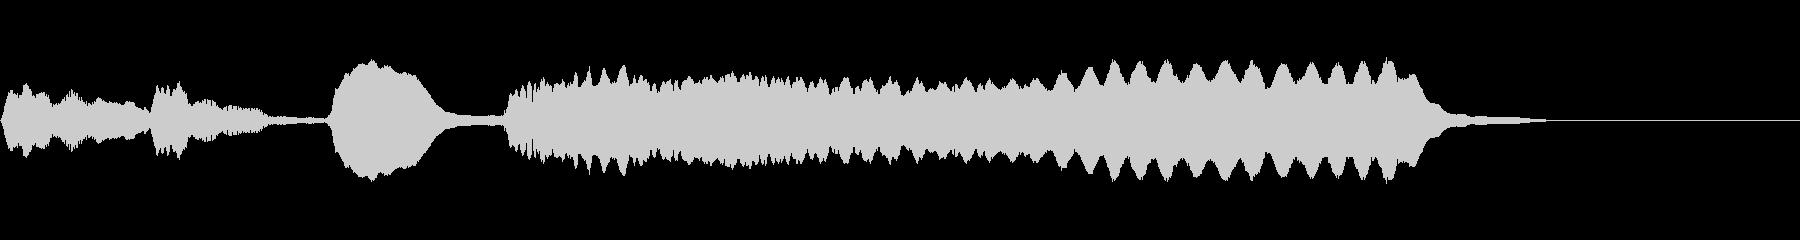 気の抜けたファンファーレ/リコーダーの未再生の波形